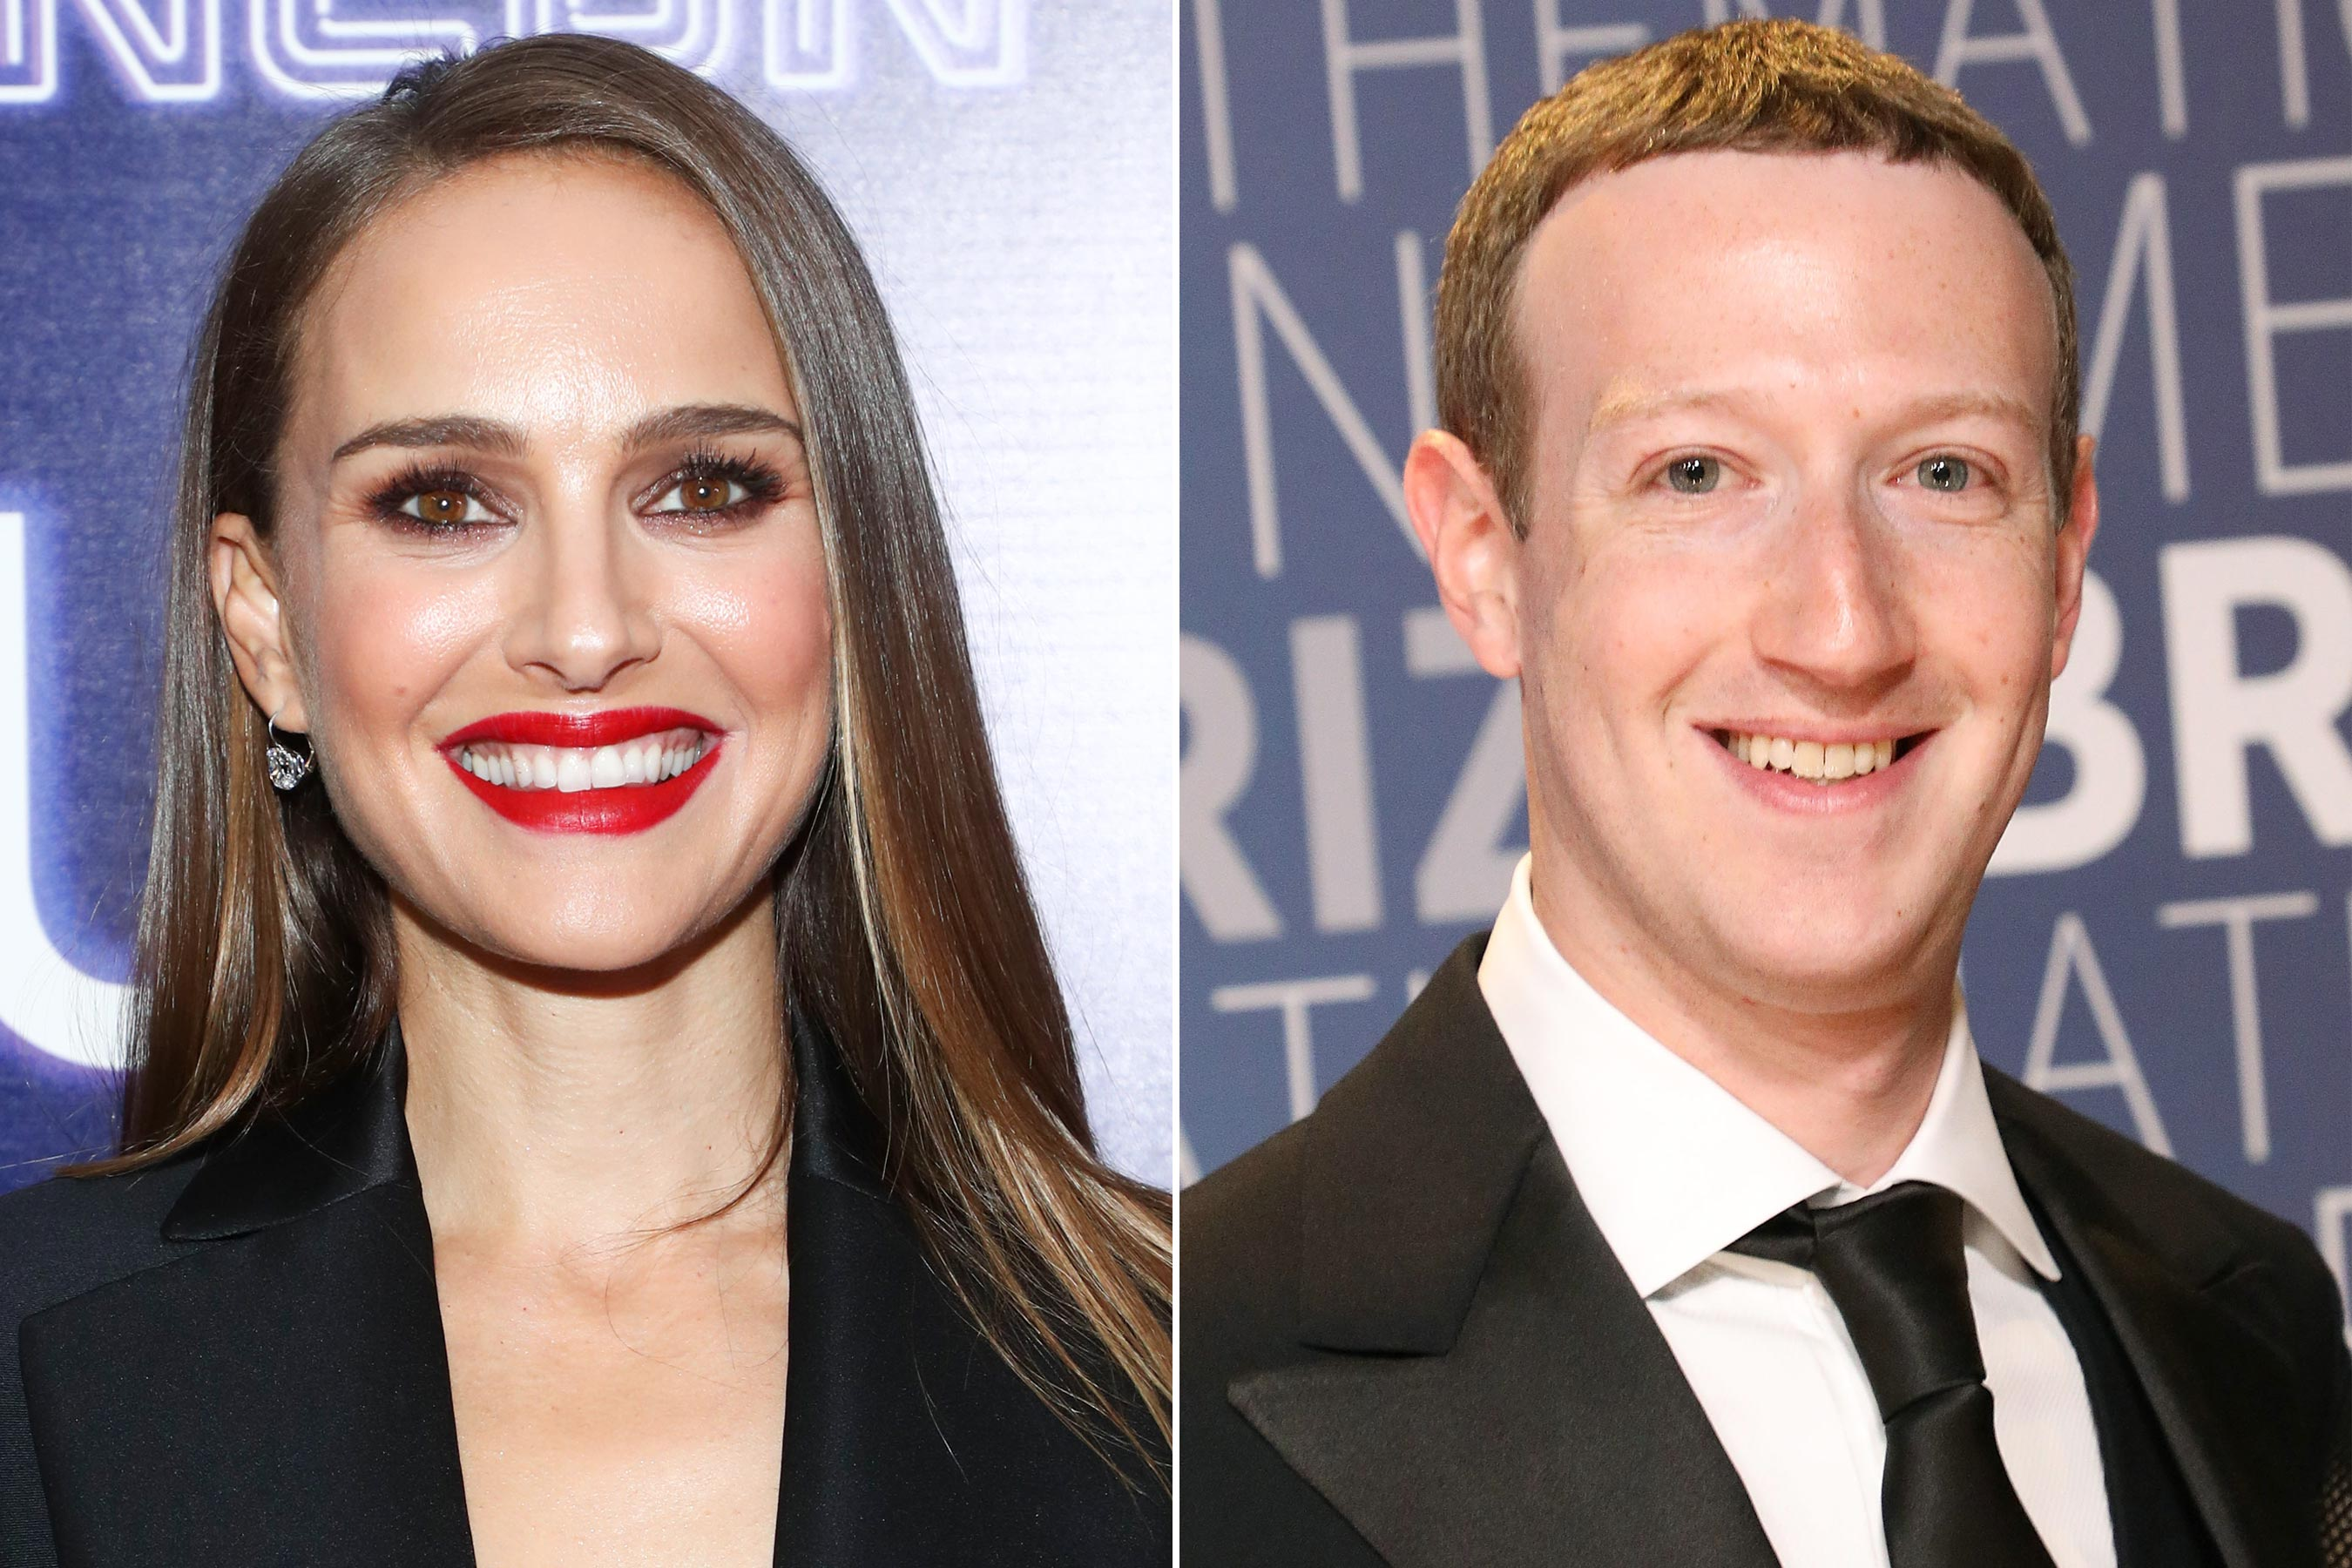 Natalie Portman Was a Senior at Harvard When Mark Zuckerberg Invented Facebook on Campus